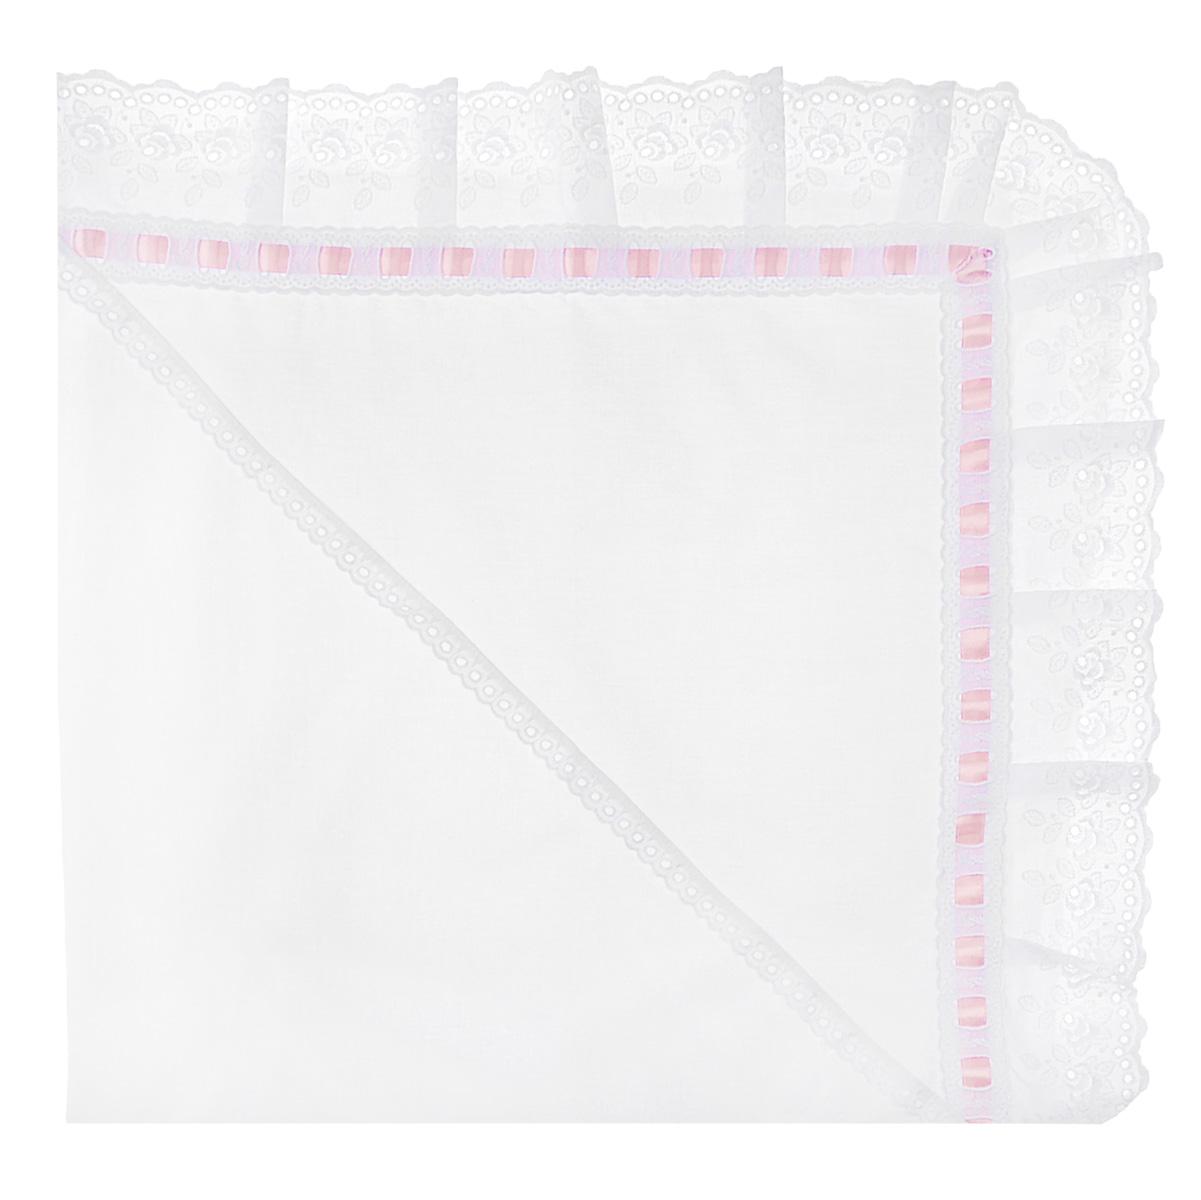 Фото Уголок Трон-плюс, цвет: белый, розовый. 3301. Размер 90х90. Купить  в РФ